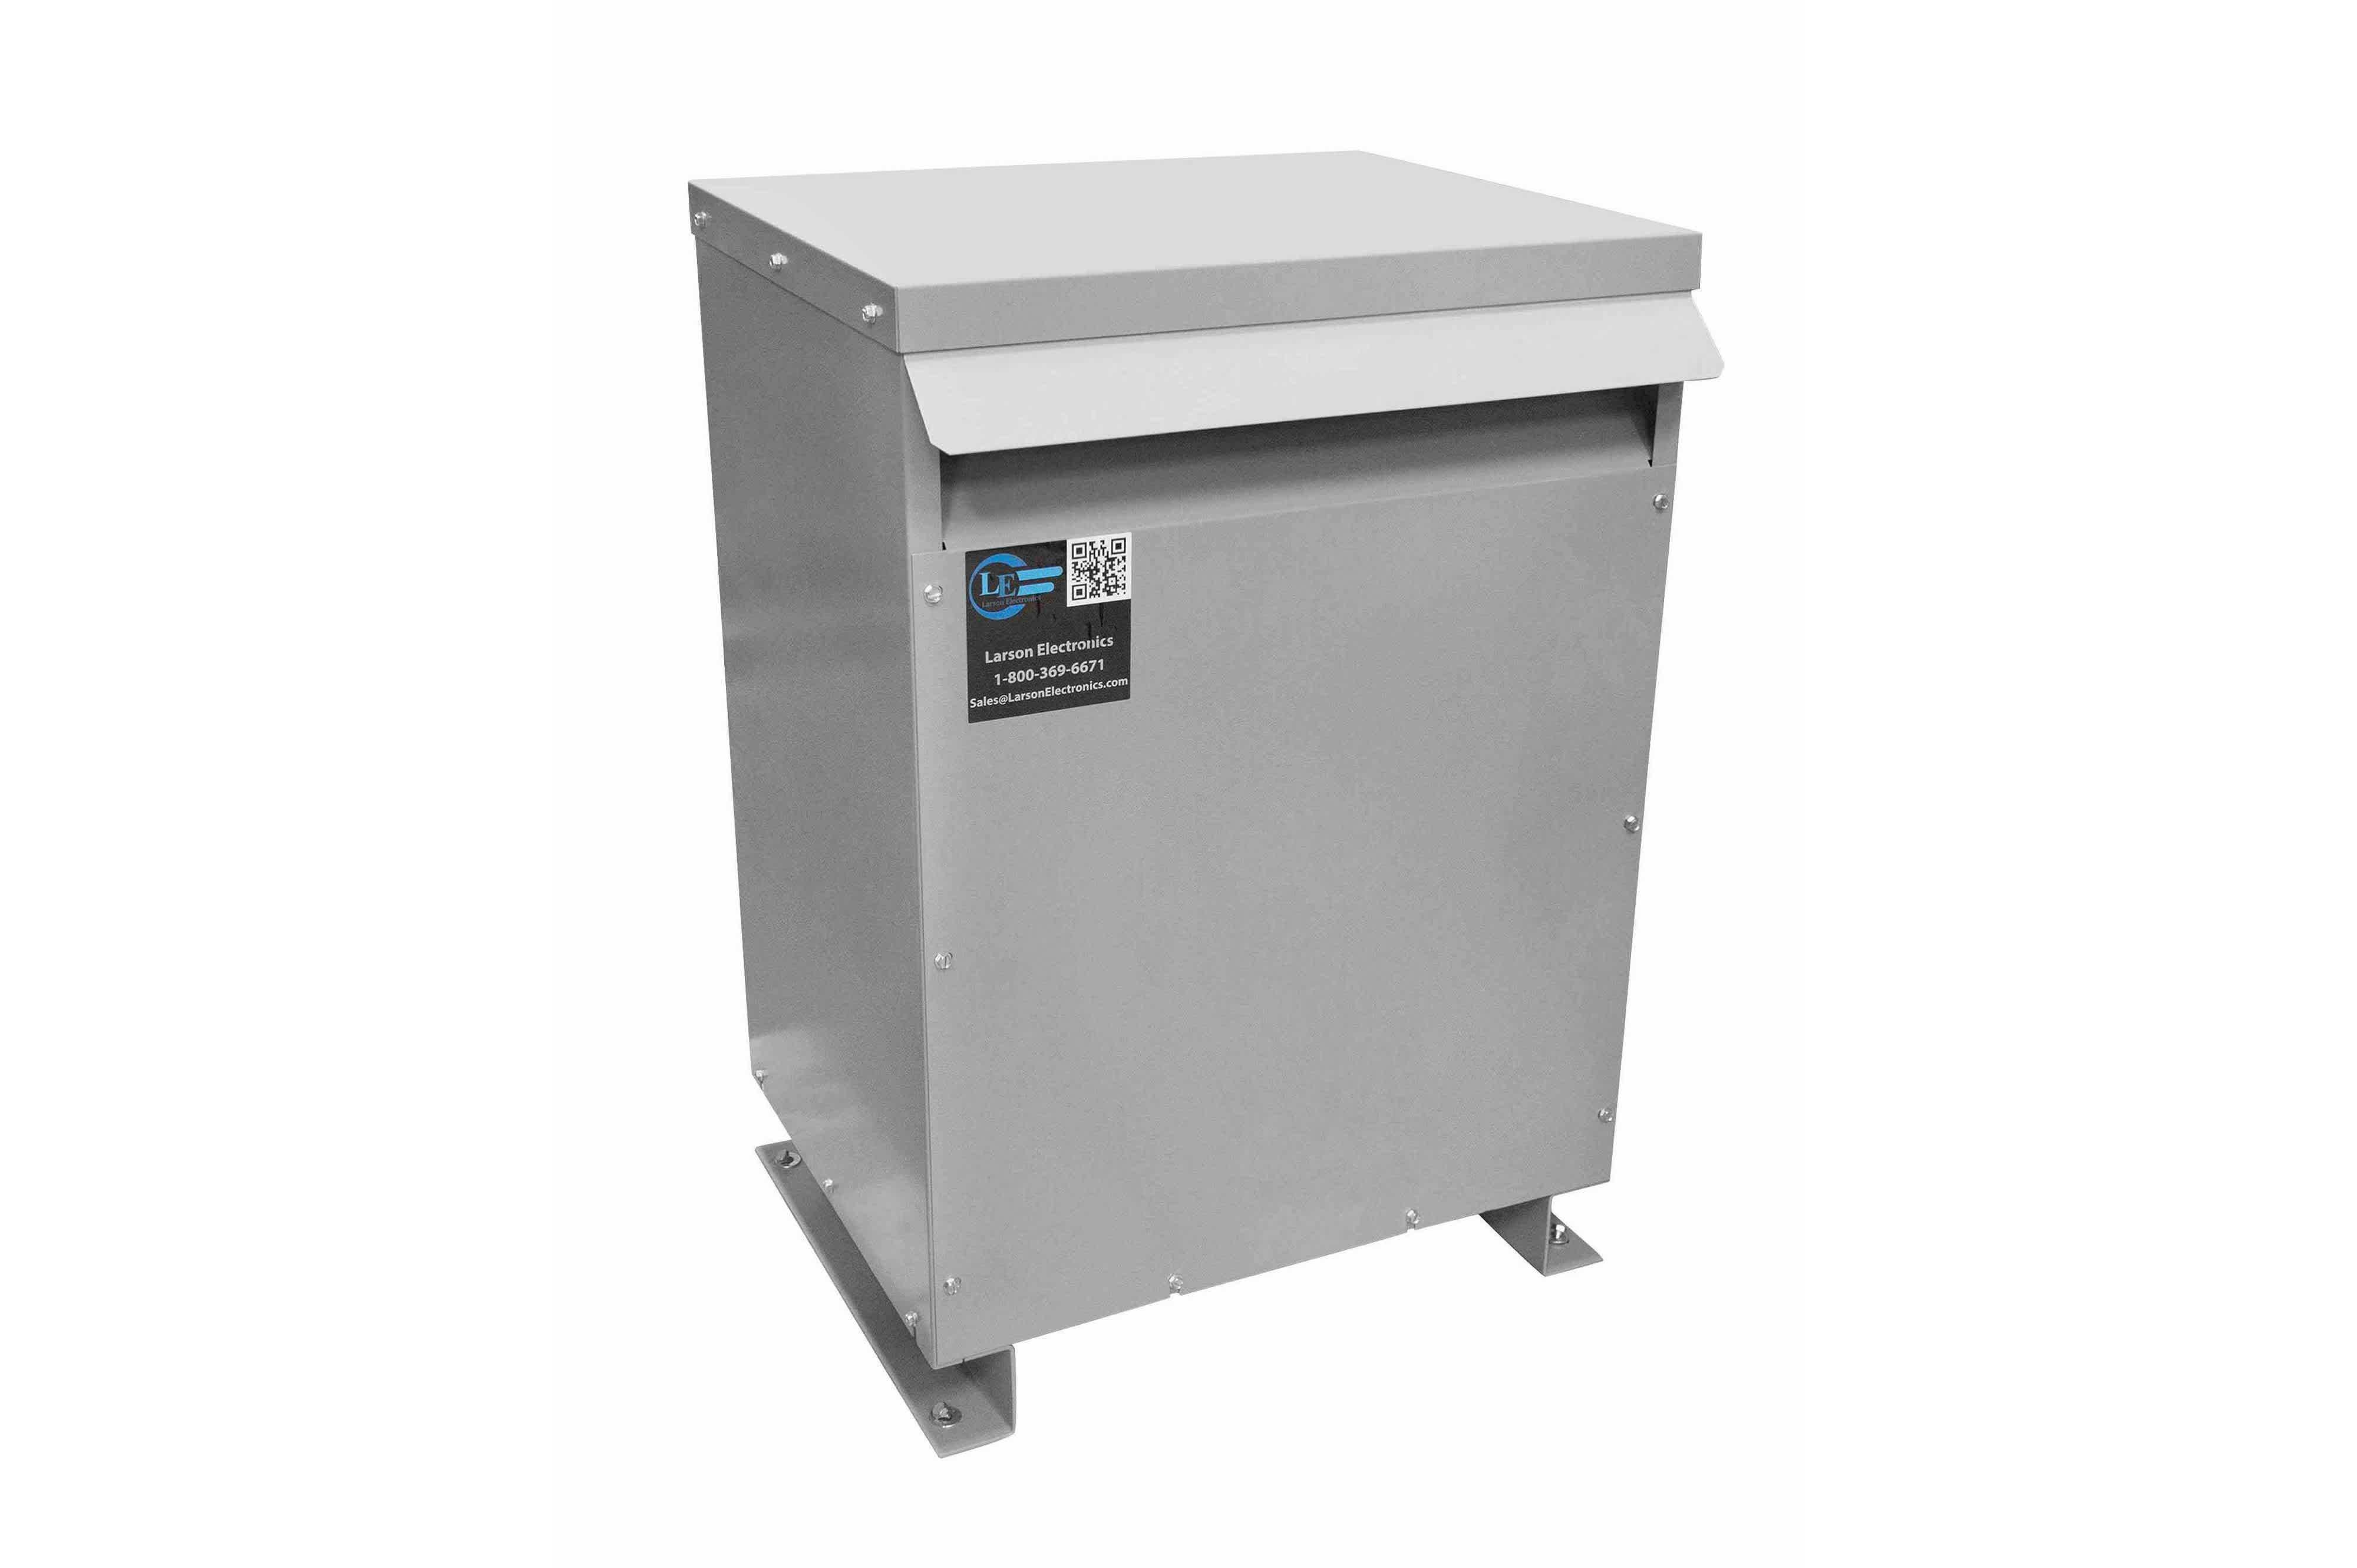 115 kVA 3PH Isolation Transformer, 240V Delta Primary, 600V Delta Secondary, N3R, Ventilated, 60 Hz